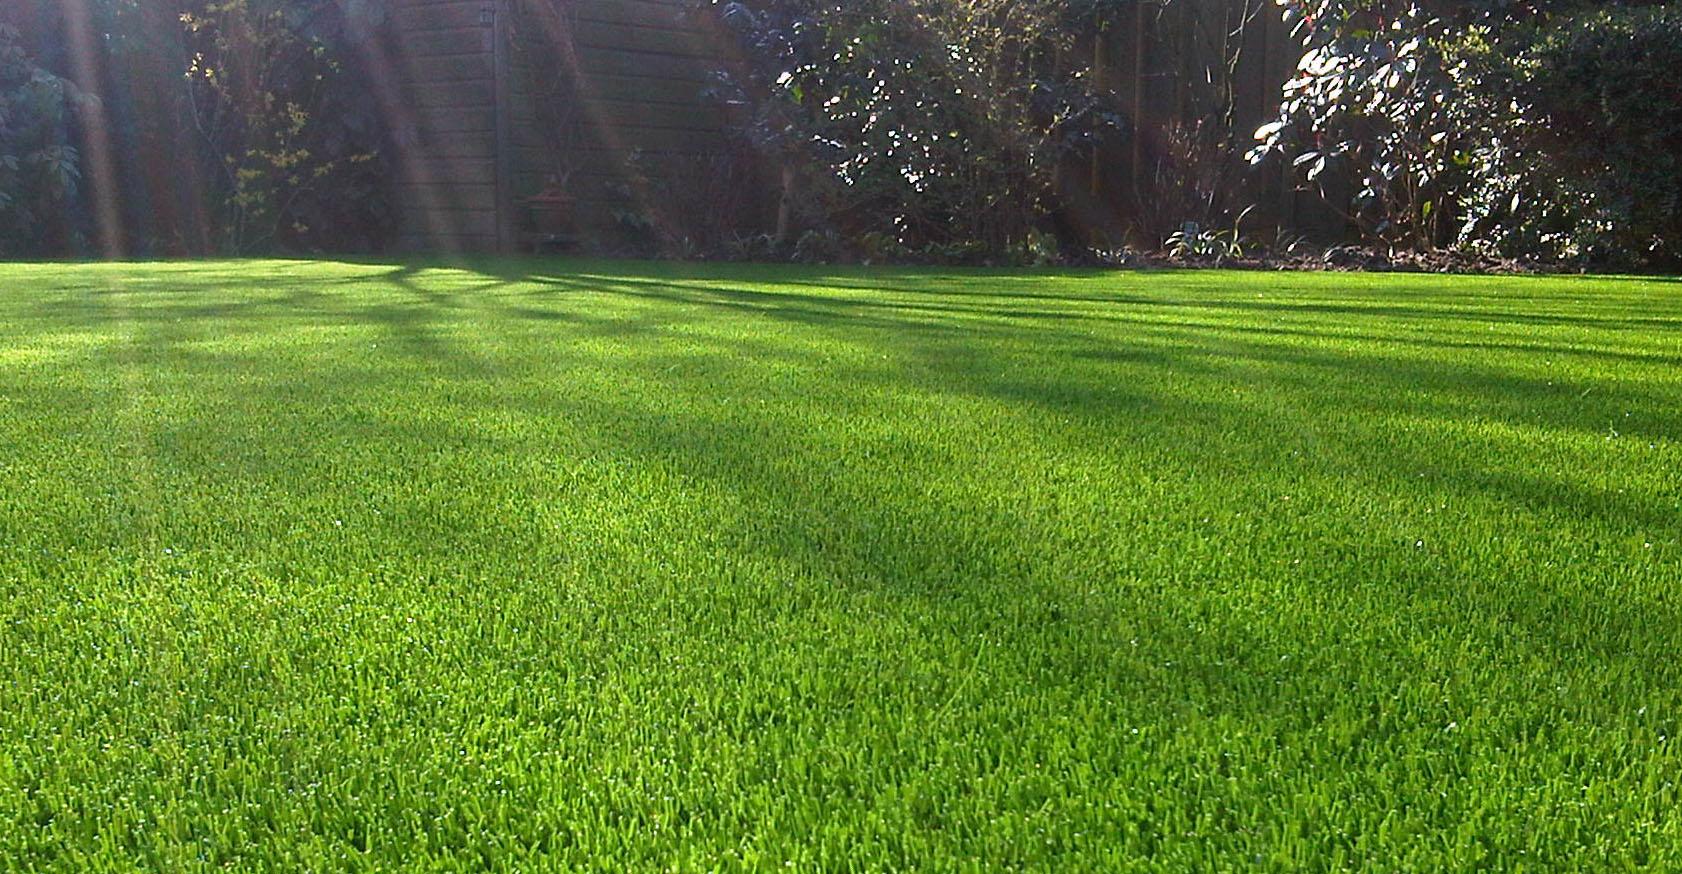 Onderhoudsvriendelijke Tuin Aanleggen : Onderhoudsvriendelijke tuin dankzij natuurlijk kunstgras in twente